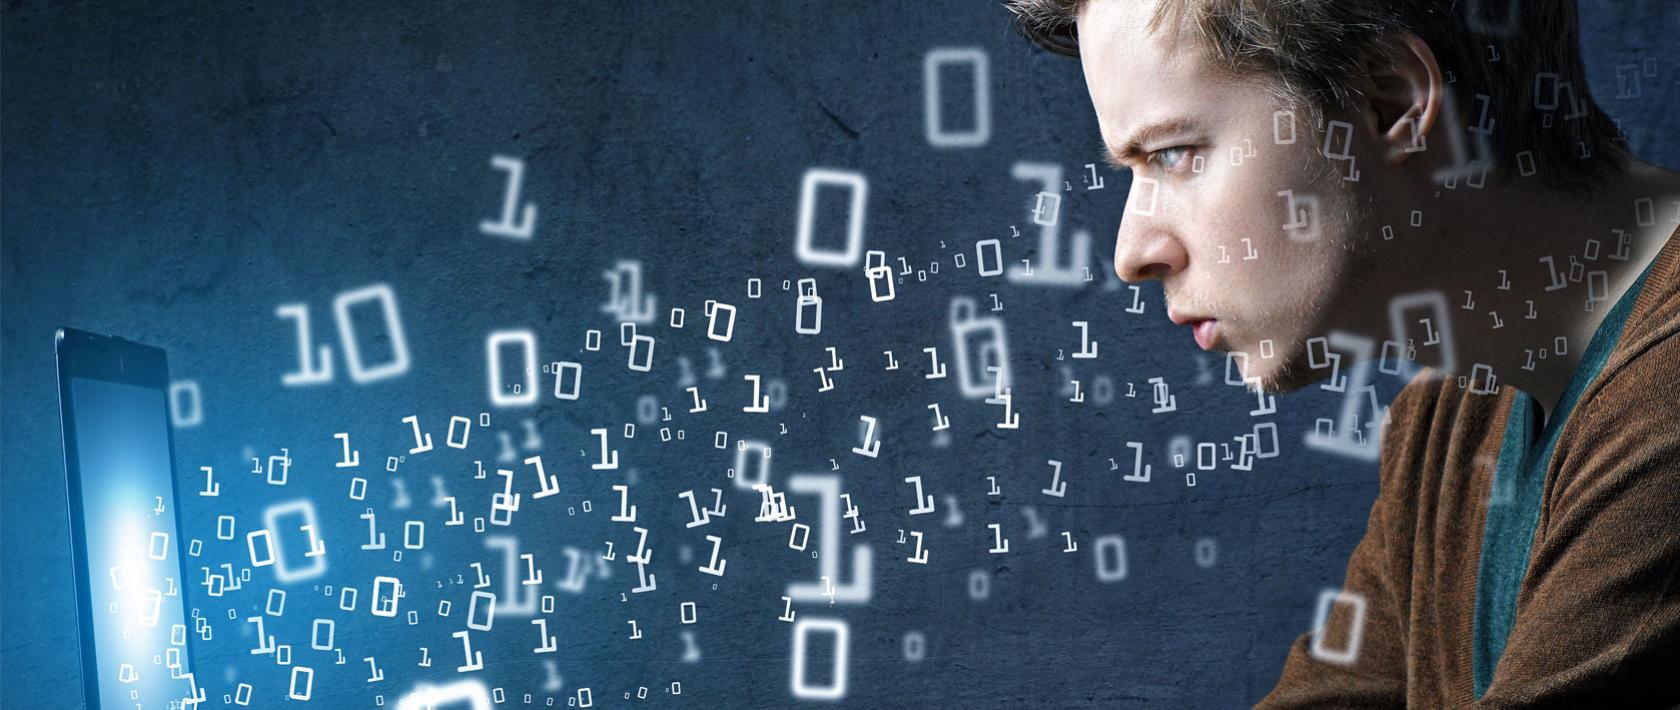 data-scientist-image